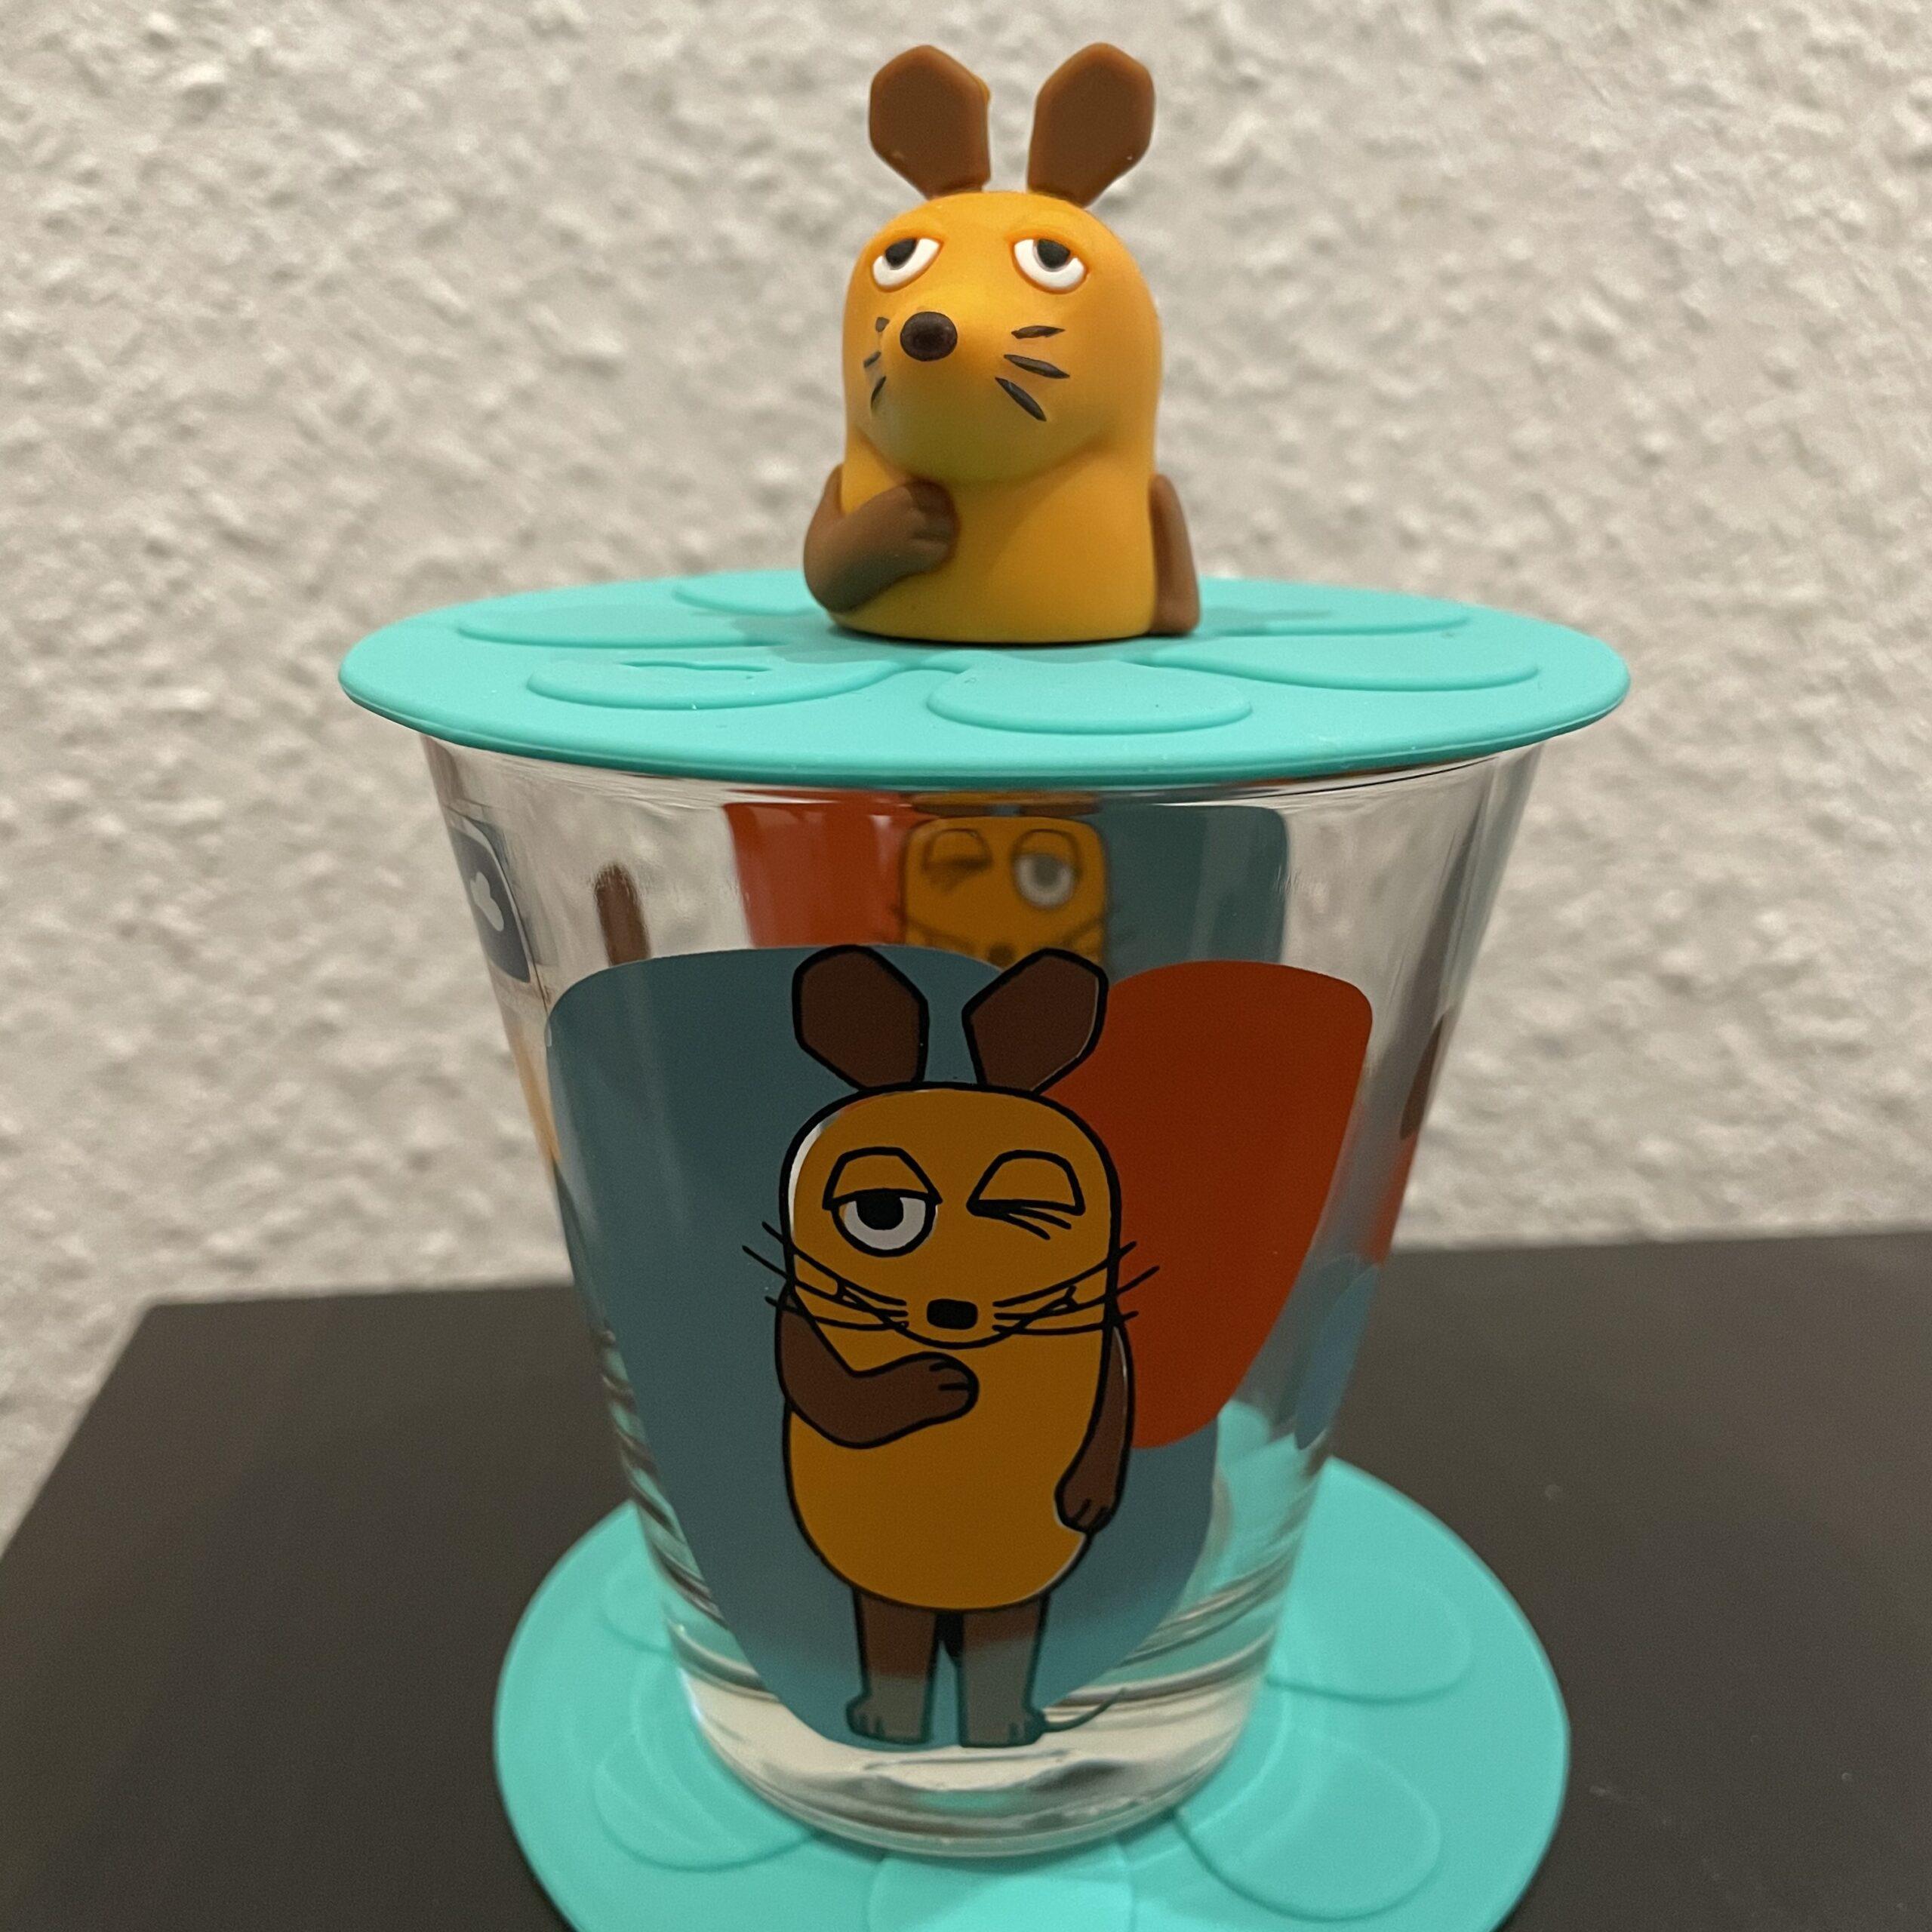 ドイツ生まれの人気キャラクターDie Maus【マウス】が50周年!!記念にグラス買ってみた。